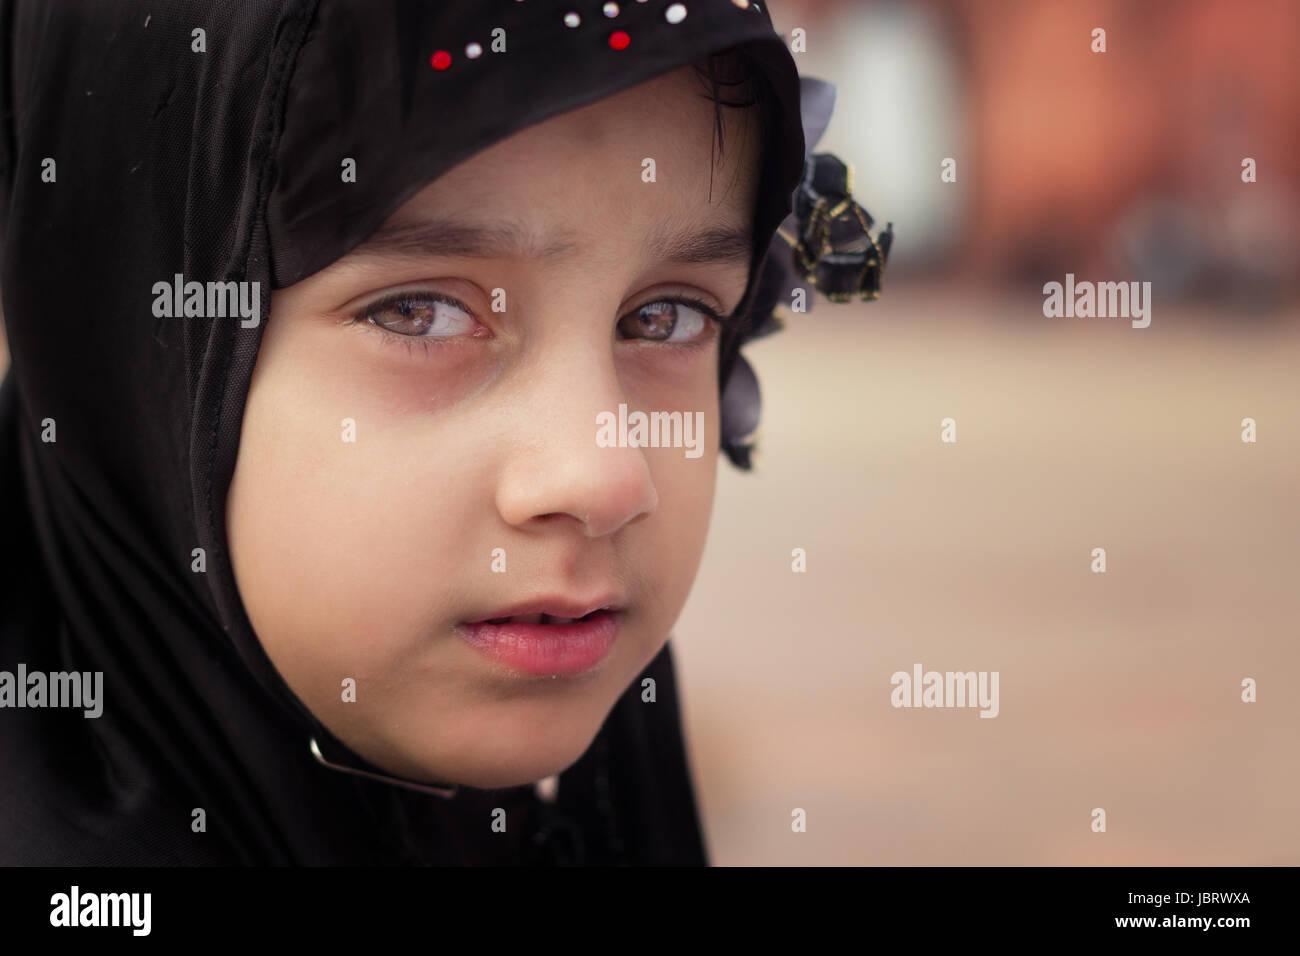 NEW DELHI, India. Maggio 31,2017: un giovane musulmano bambina guarda su come lei insieme con la sua famiglia sit Immagini Stock